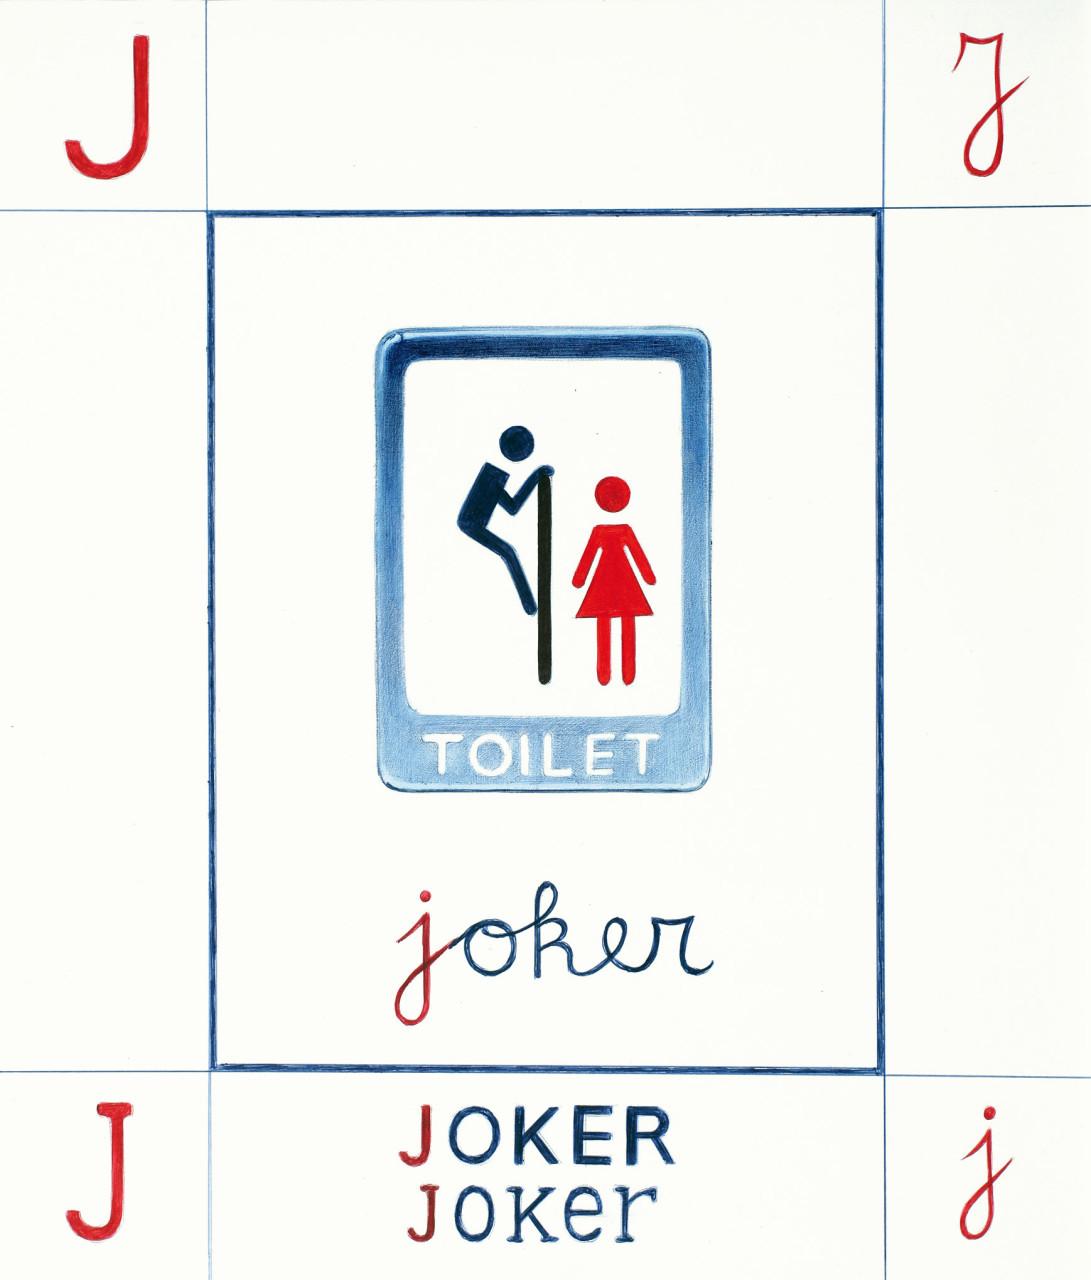 10J-joker_bassa